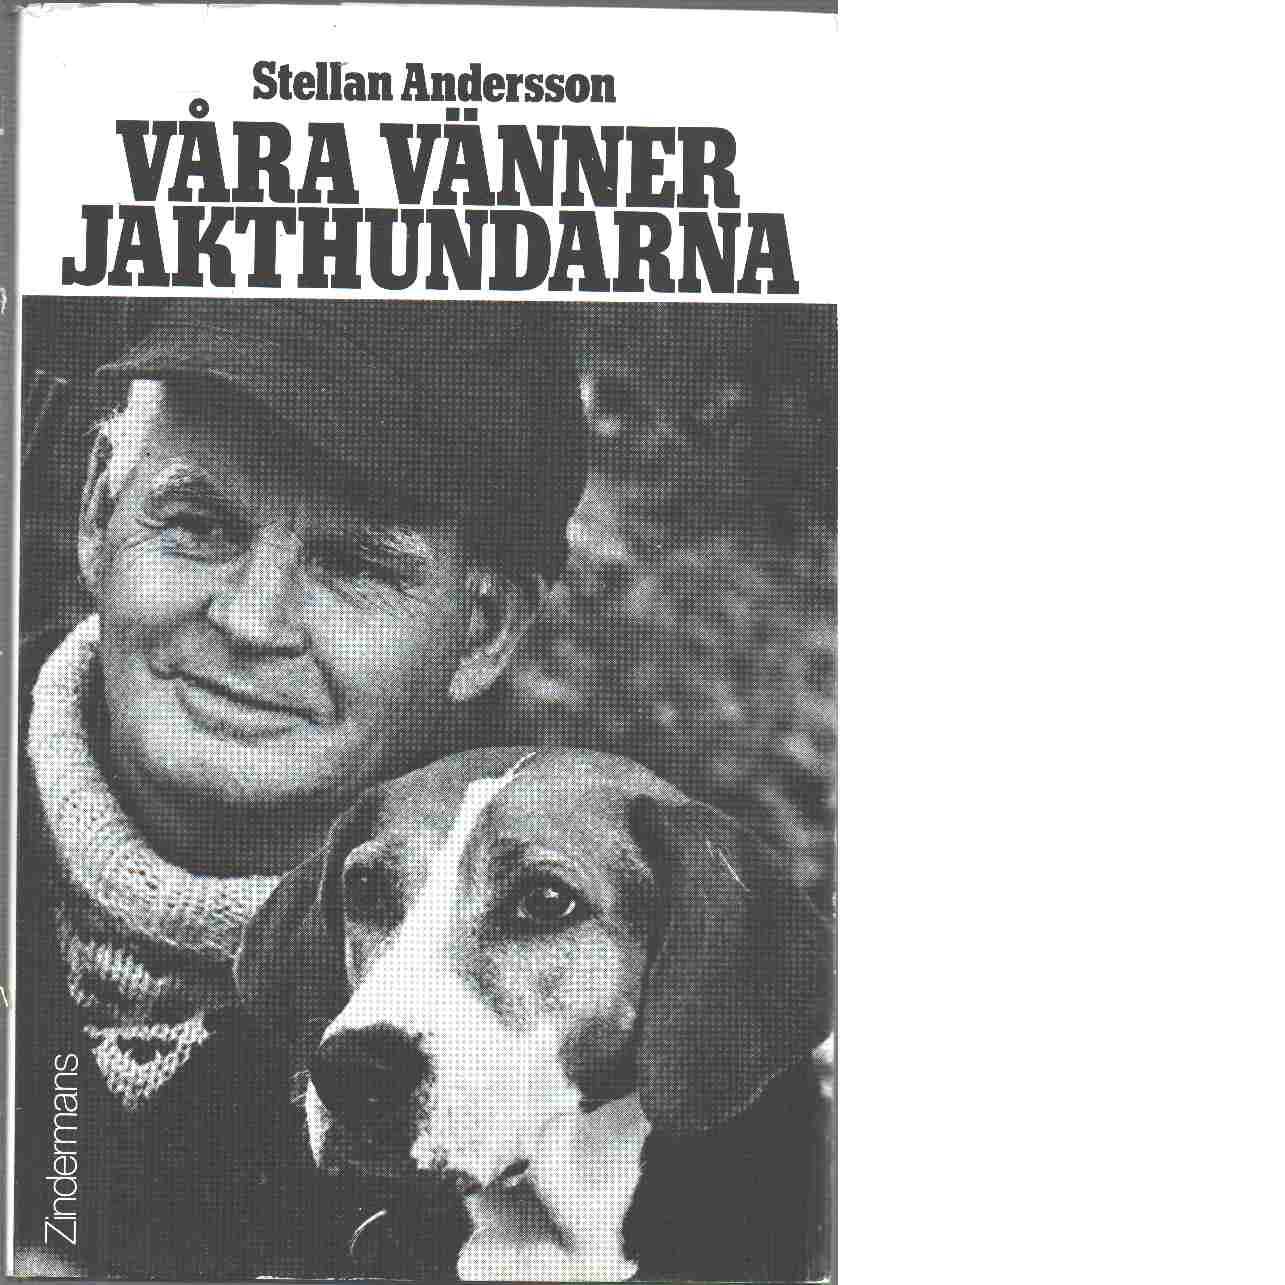 Våra vänner jakthundarna - Andersson, Stellan